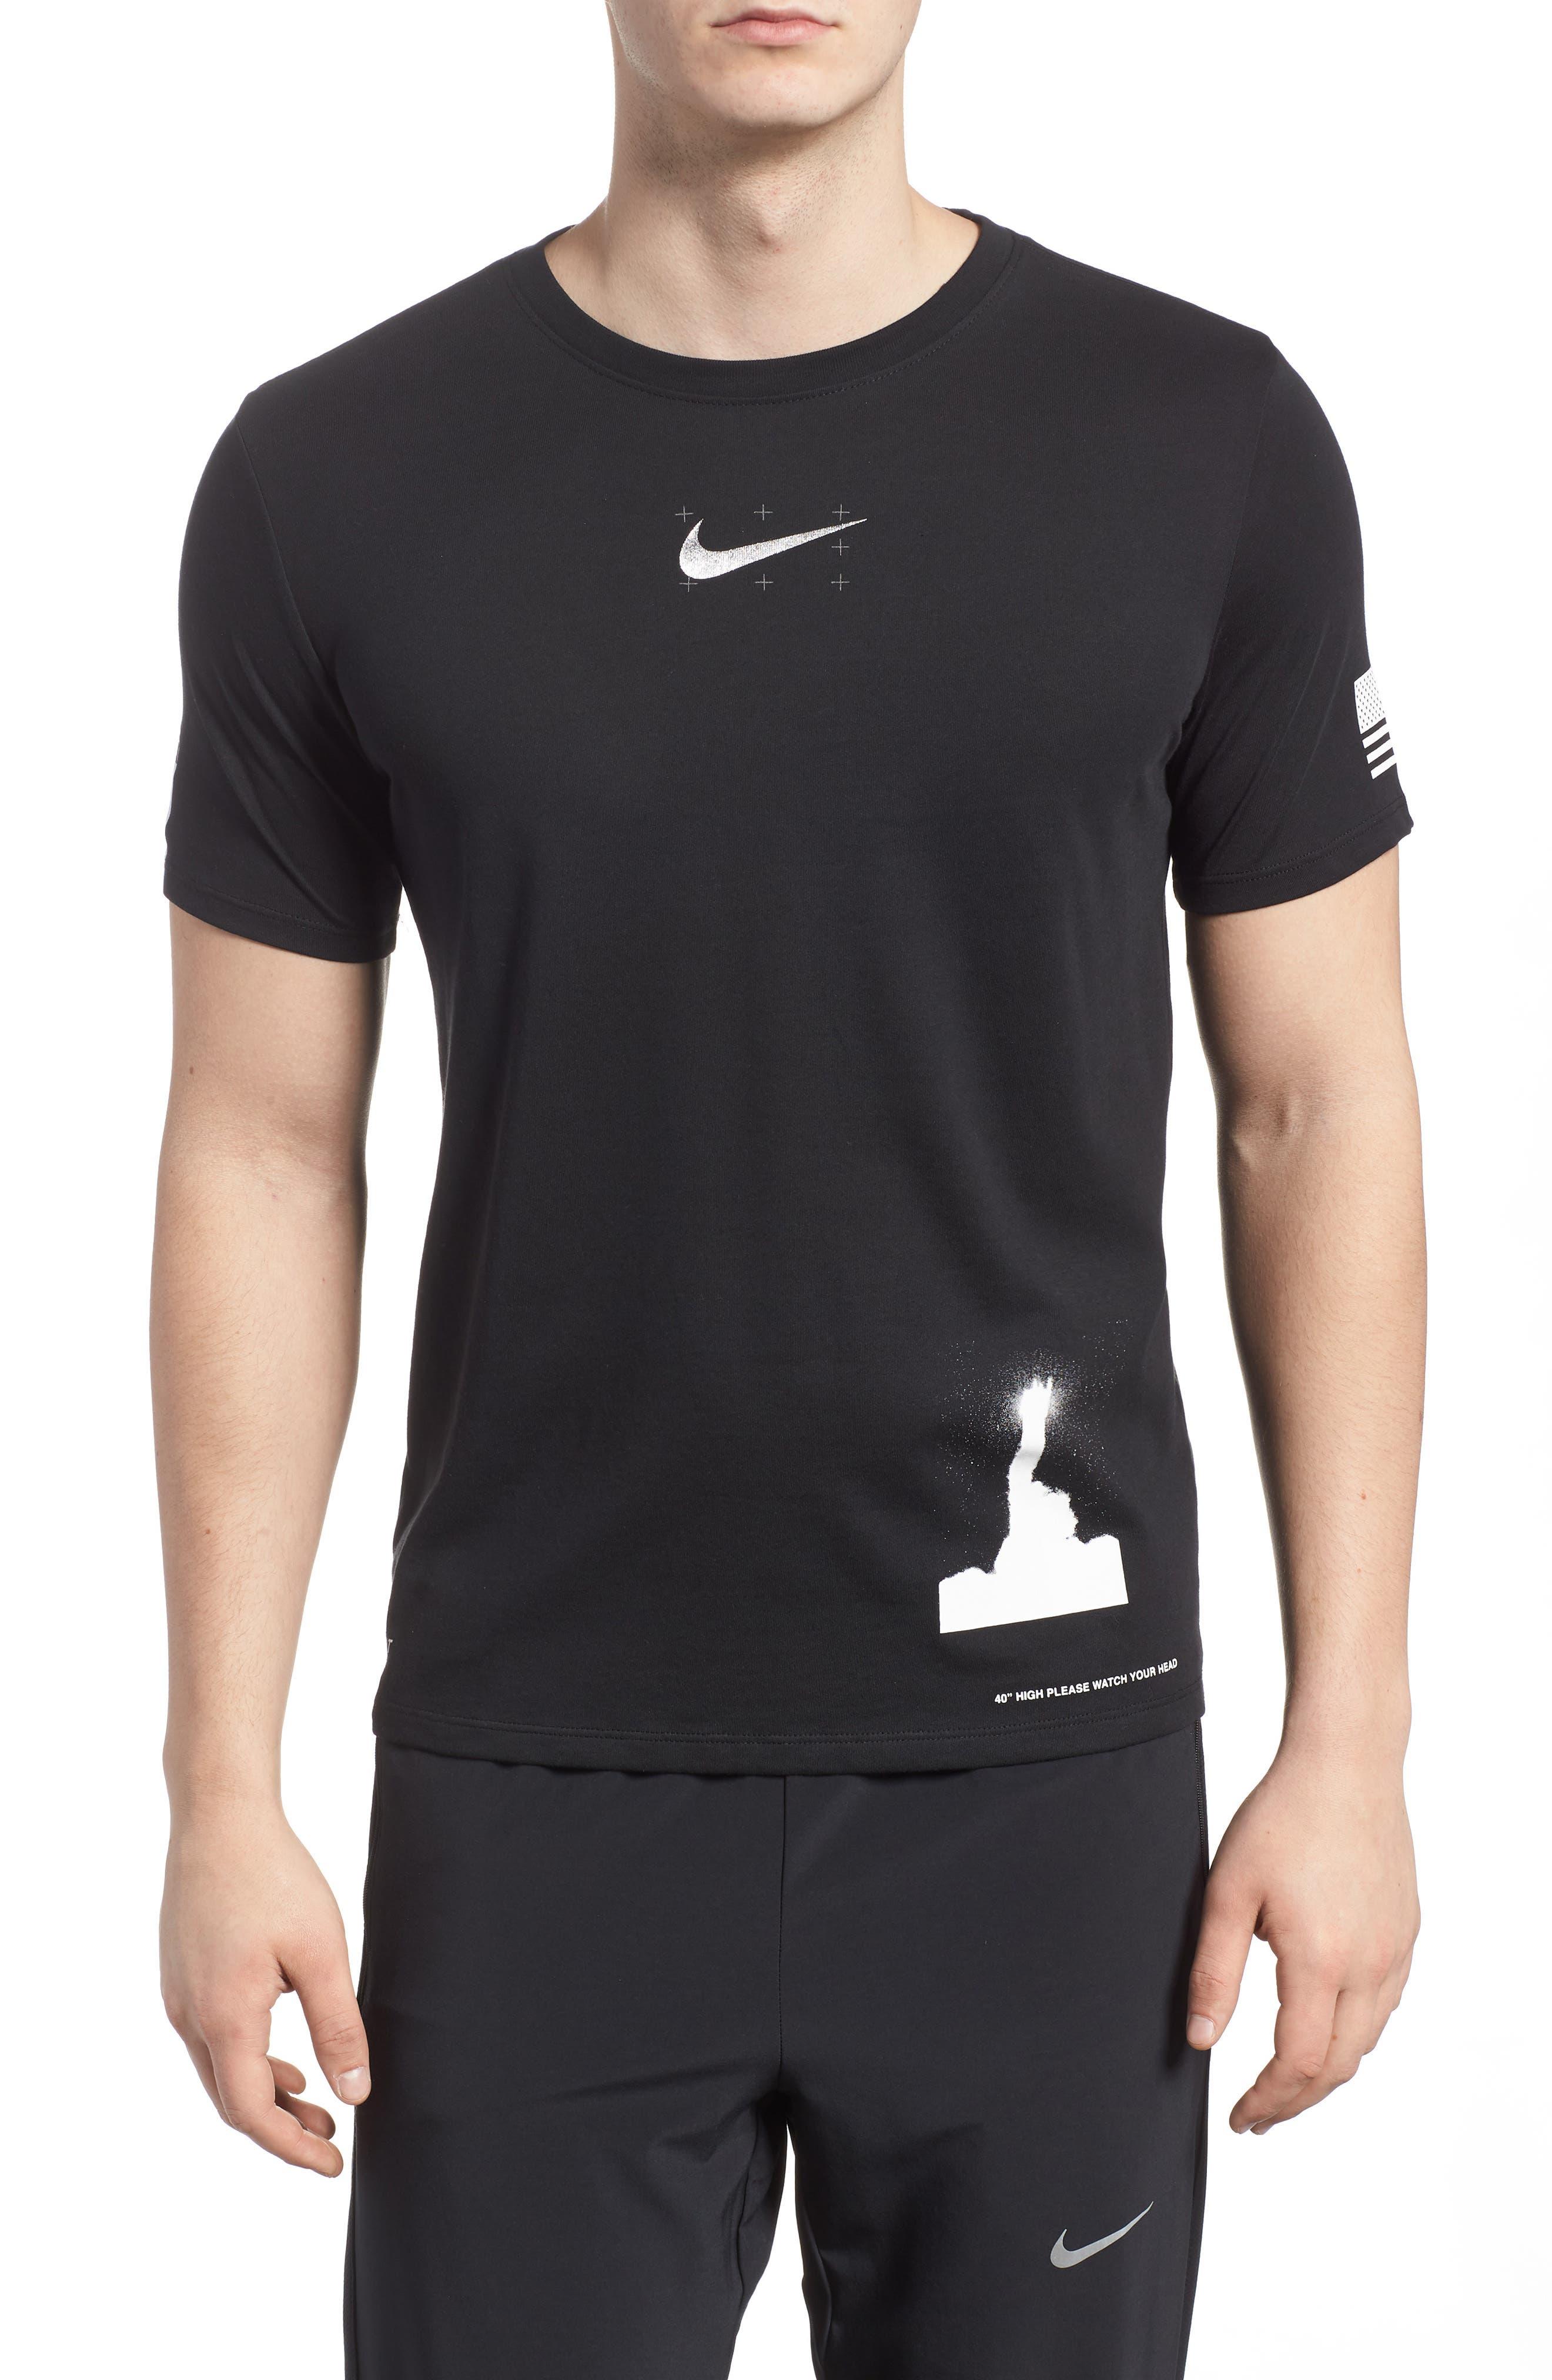 Dry Unit T-Shirt,                             Main thumbnail 1, color,                             Black/ Black